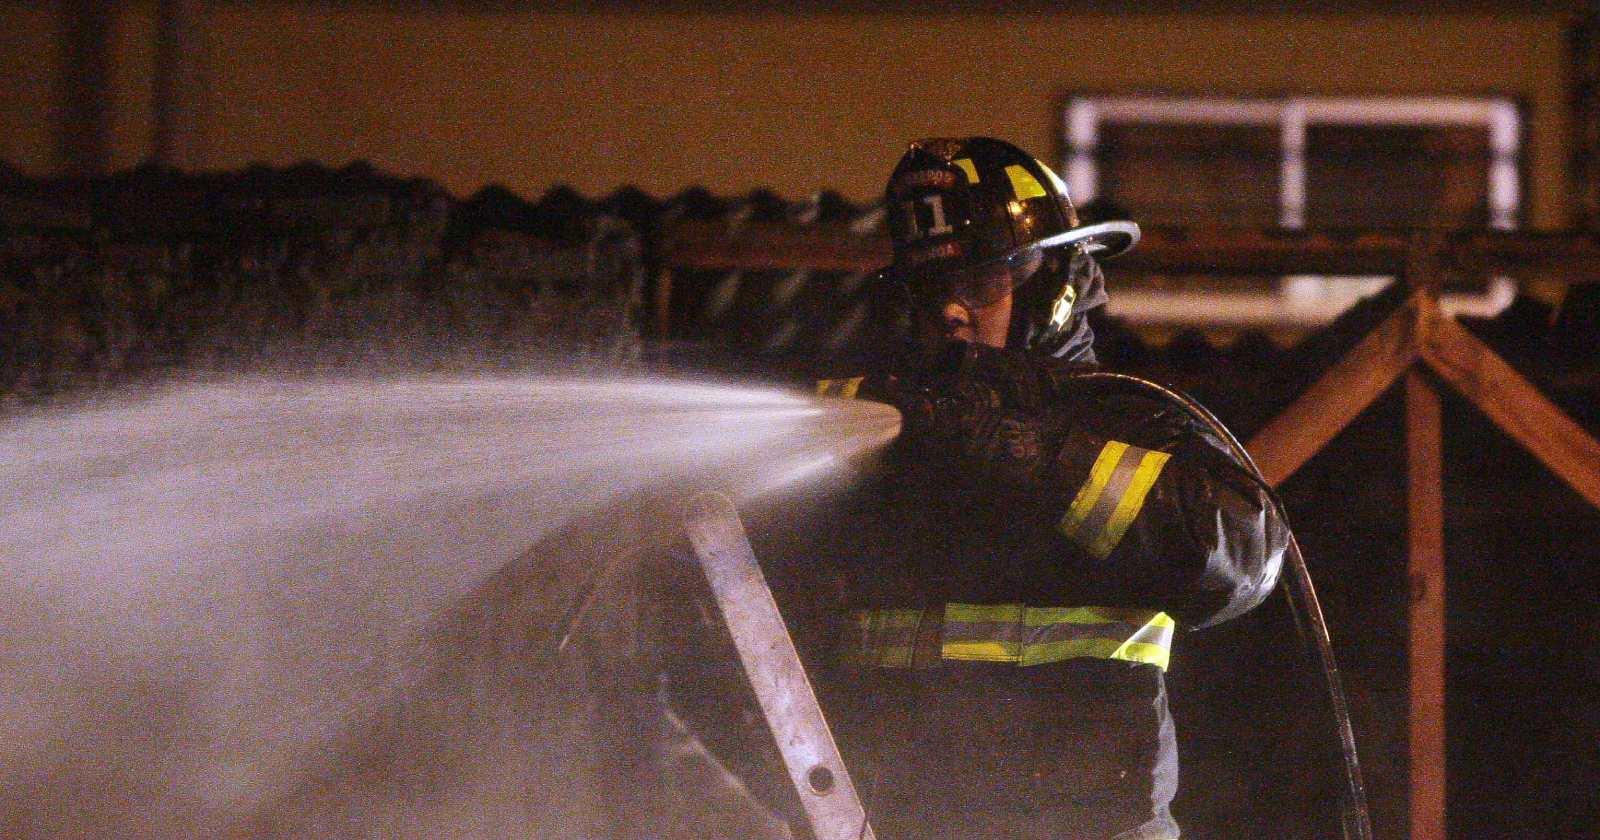 Incendio en vivienda de Rancagua dejó tres personas fallecidas